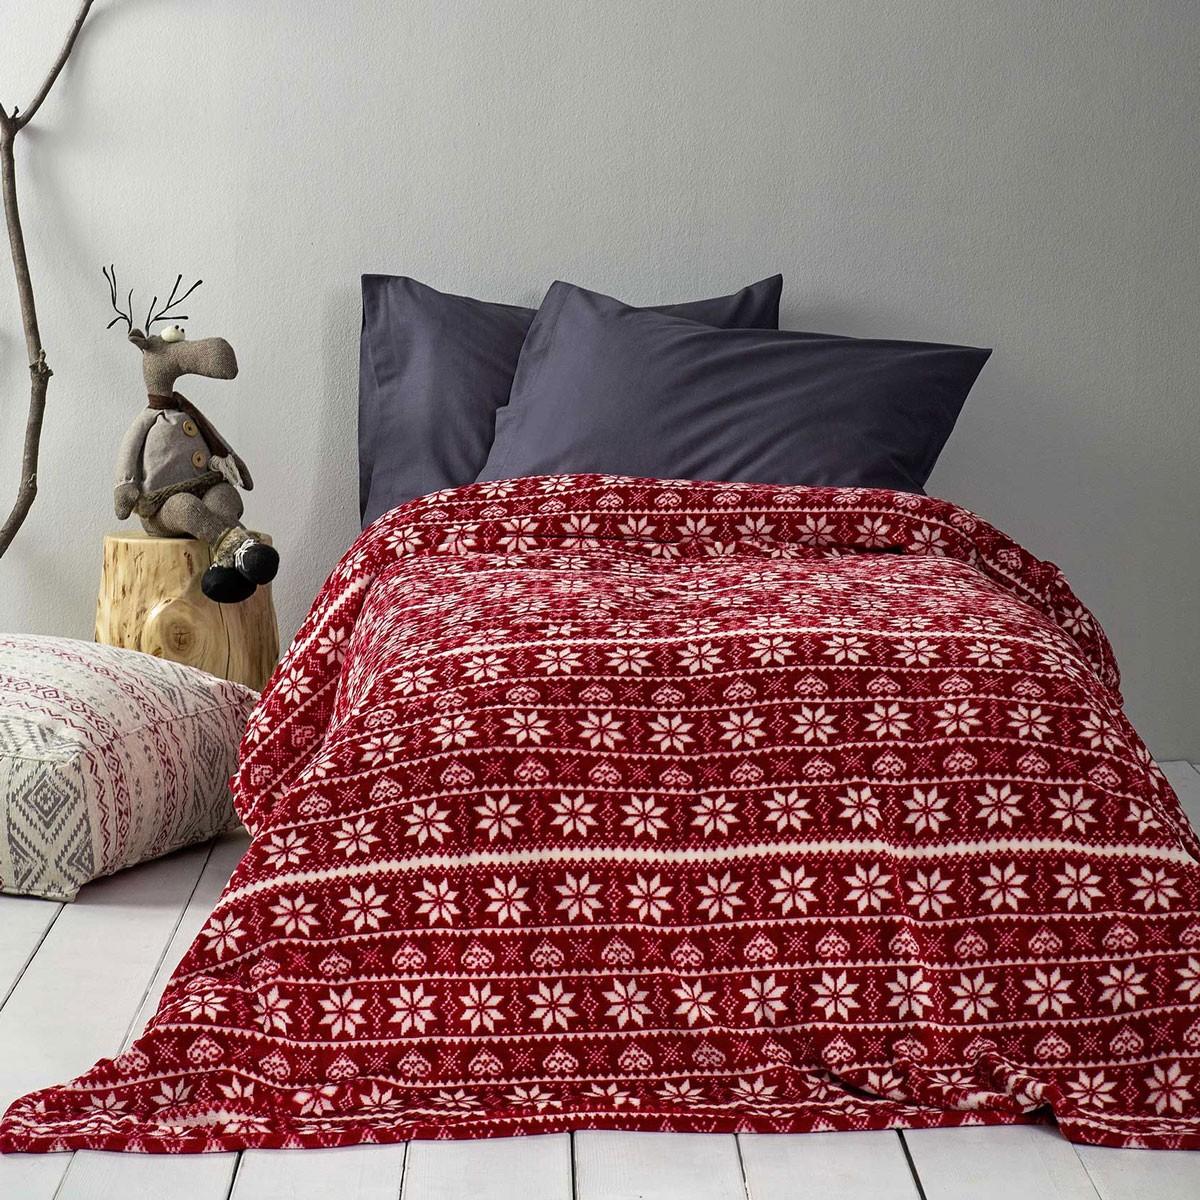 Χριστουγεννιάτικη Κουβέρτα Fleece Μονή Nima Mistletoe